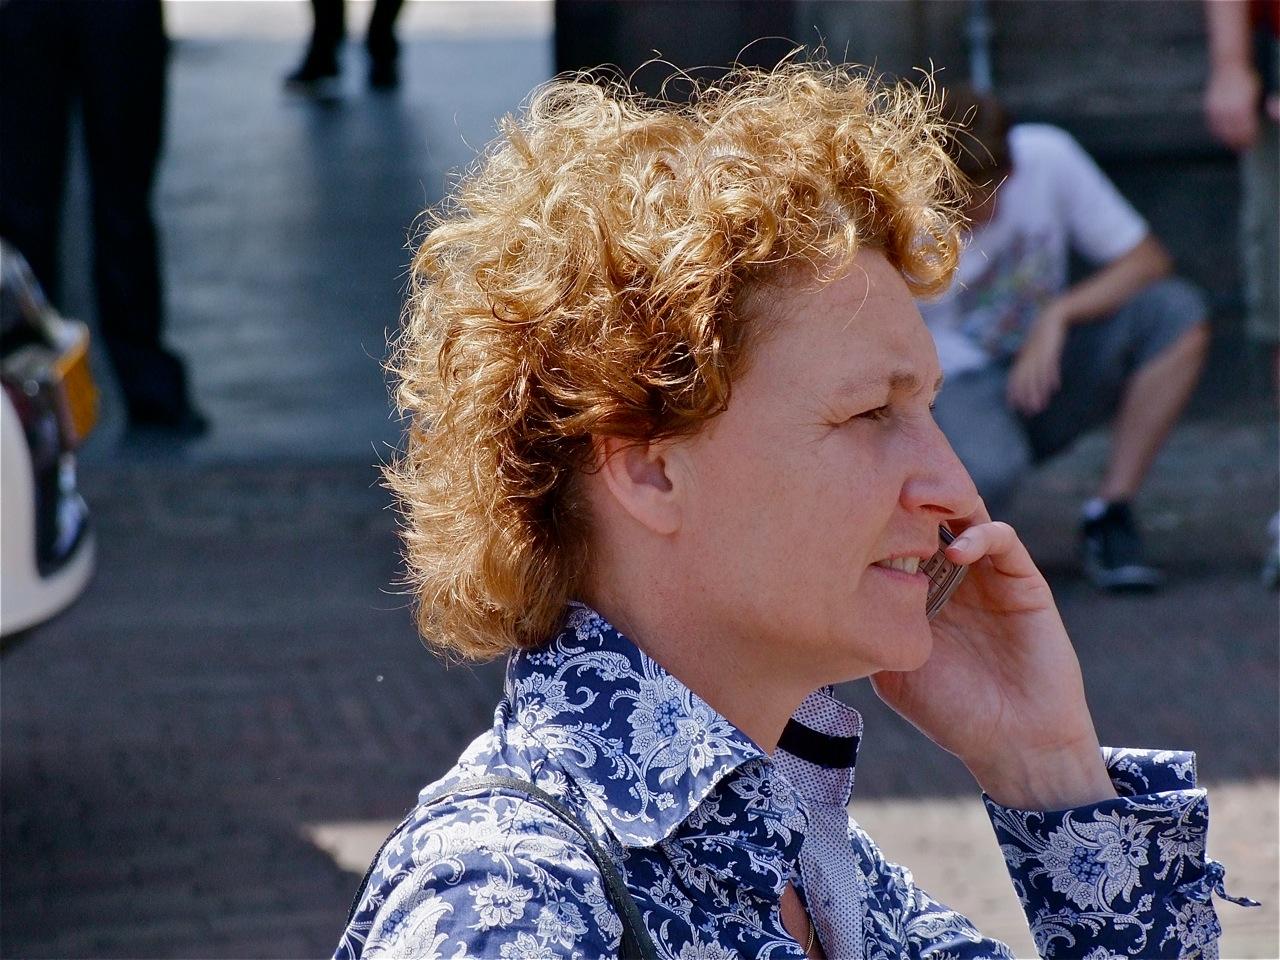 Dominique van der Heyde